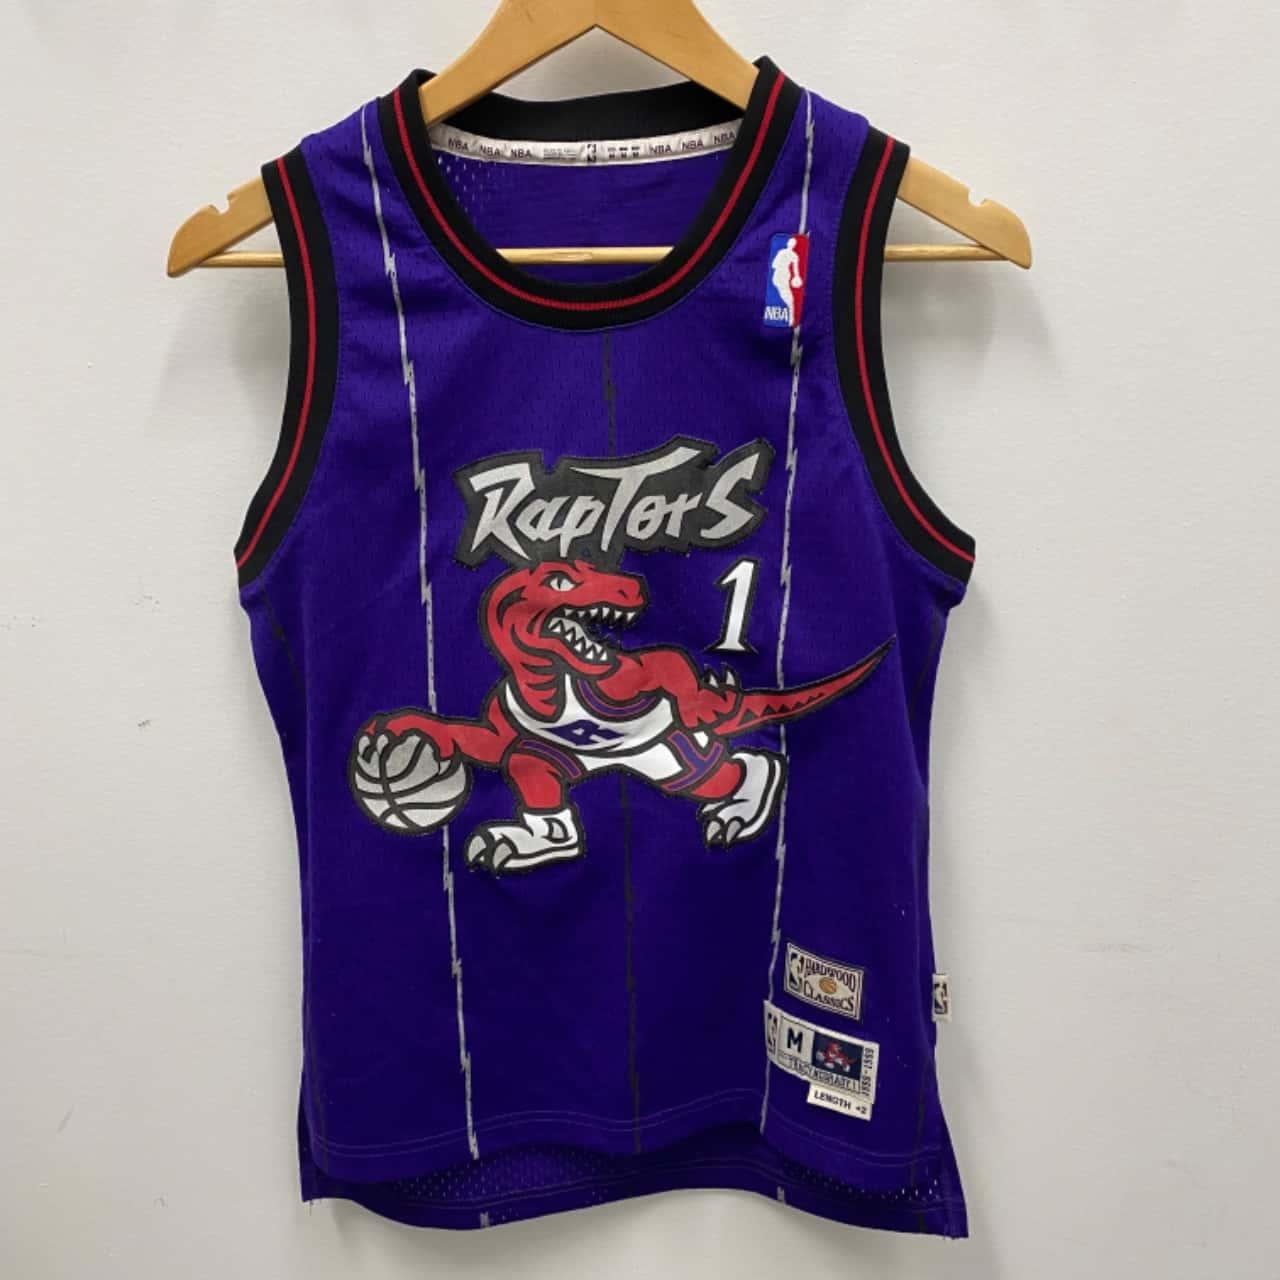 MITCHELL & NESS NBA Youth Toronto Raptors Tracy McGrady 1998 - 1999 Jersey Size Youth M Purple